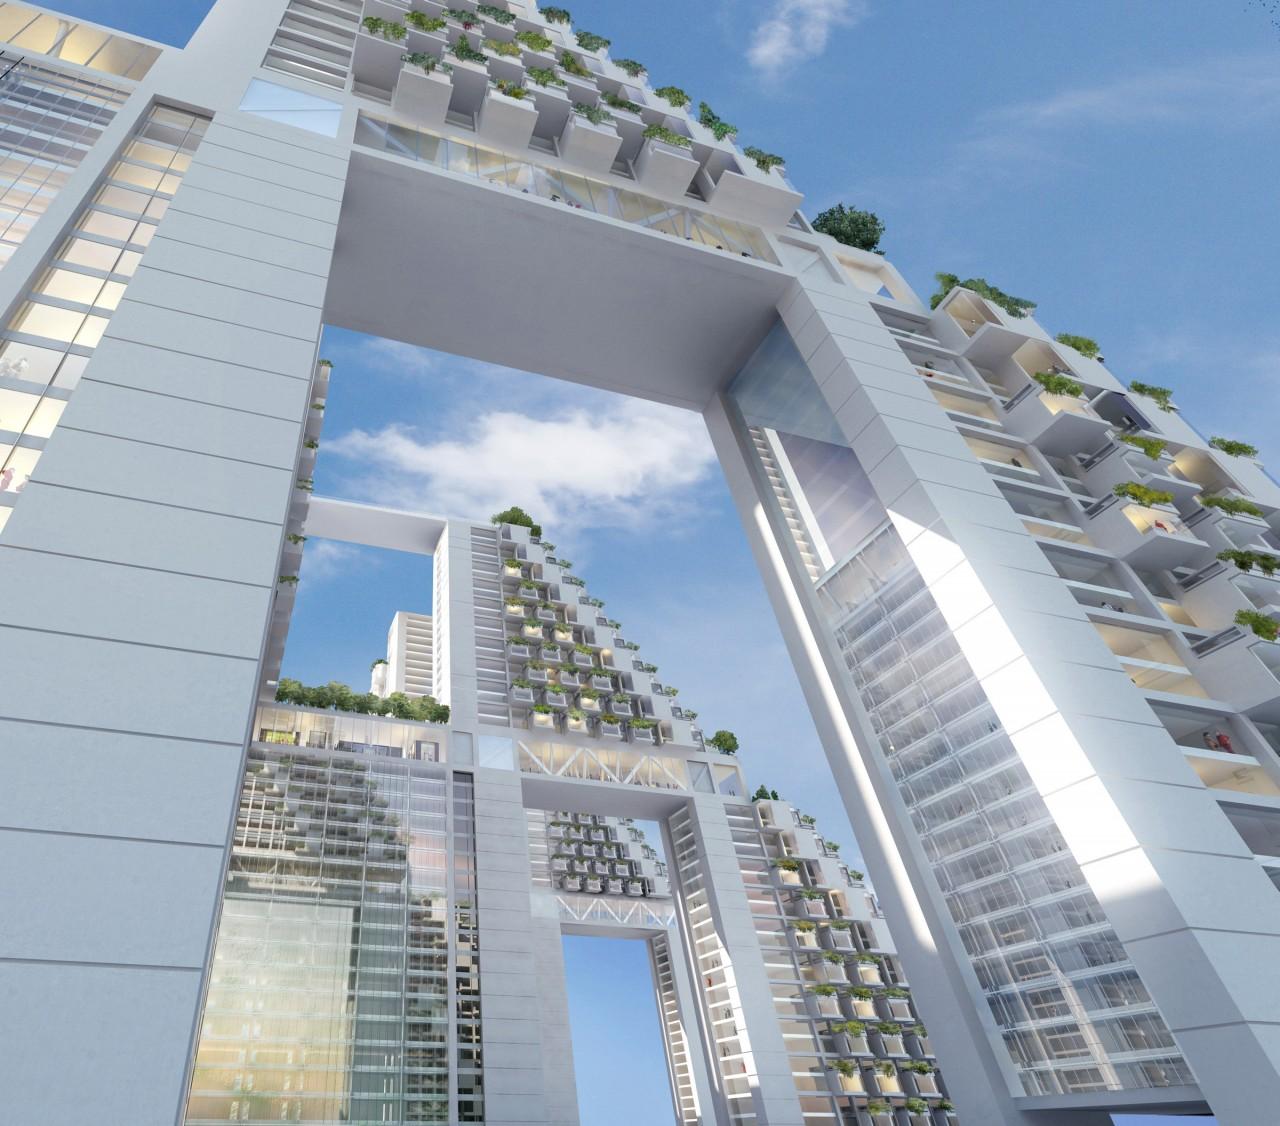 SINGAPOUR - SKY HABITAT PAR L'ARCHITECTE MOSHE SAFDIEitects-00